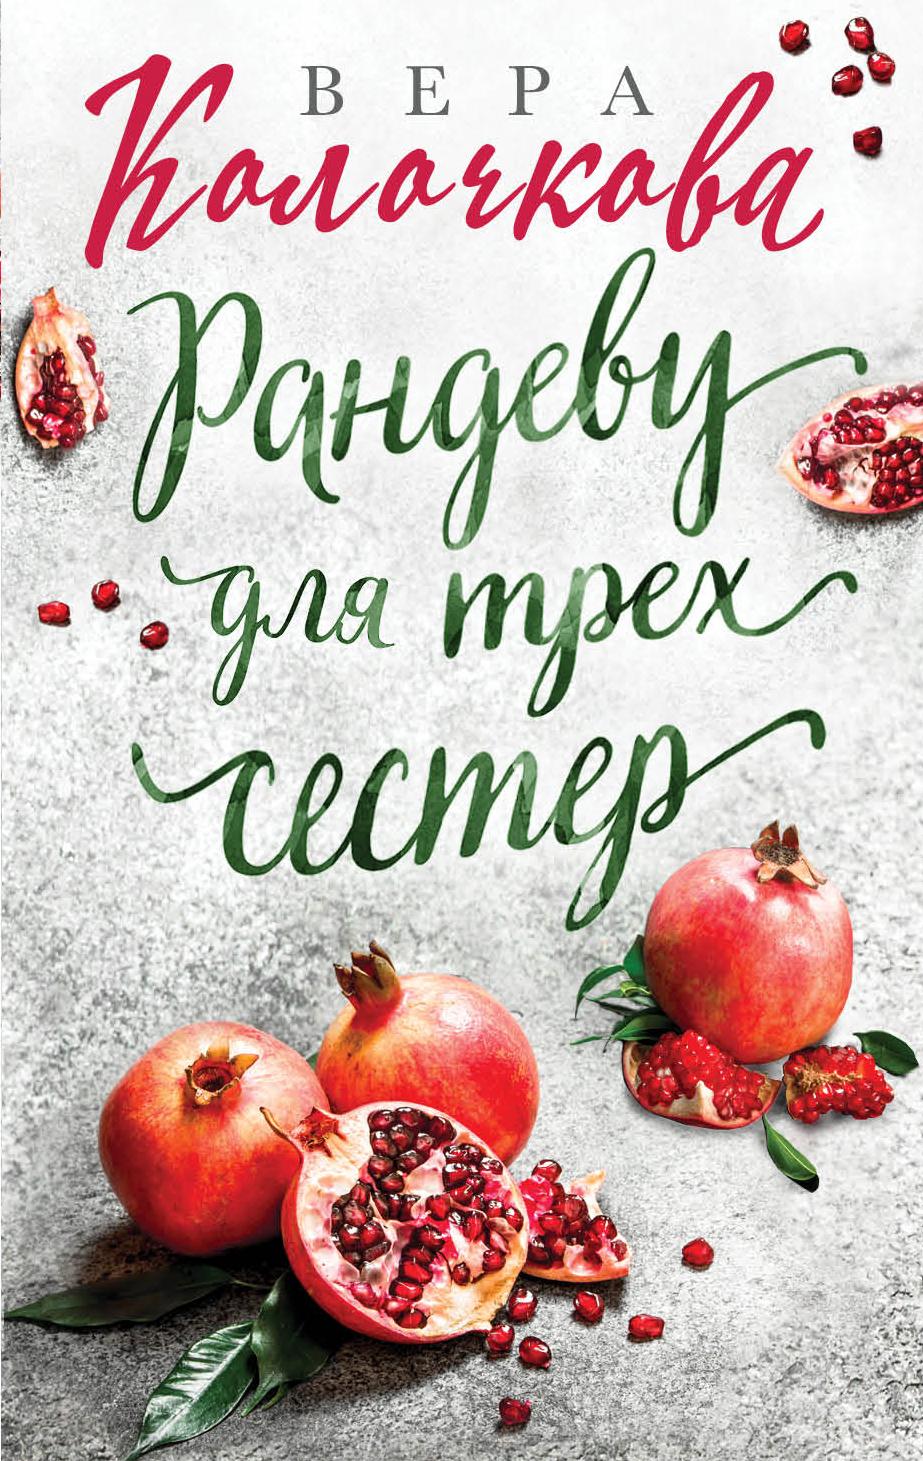 цена на Вера Колочкова Рандеву для трех сестер